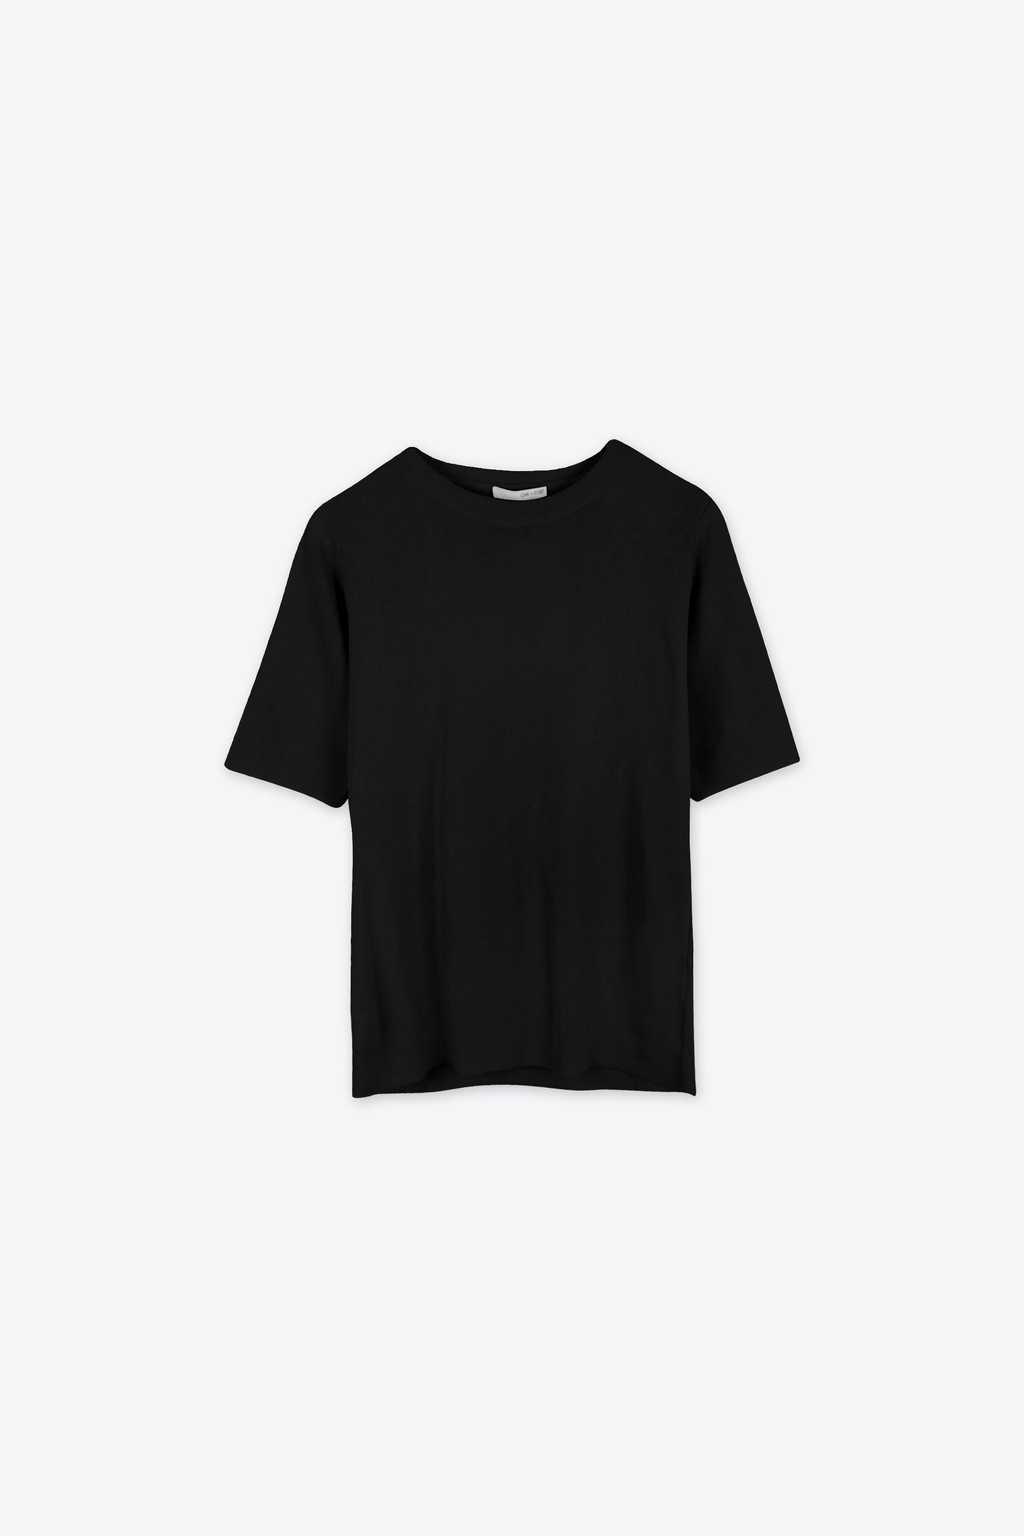 TShirt H273 Black 7